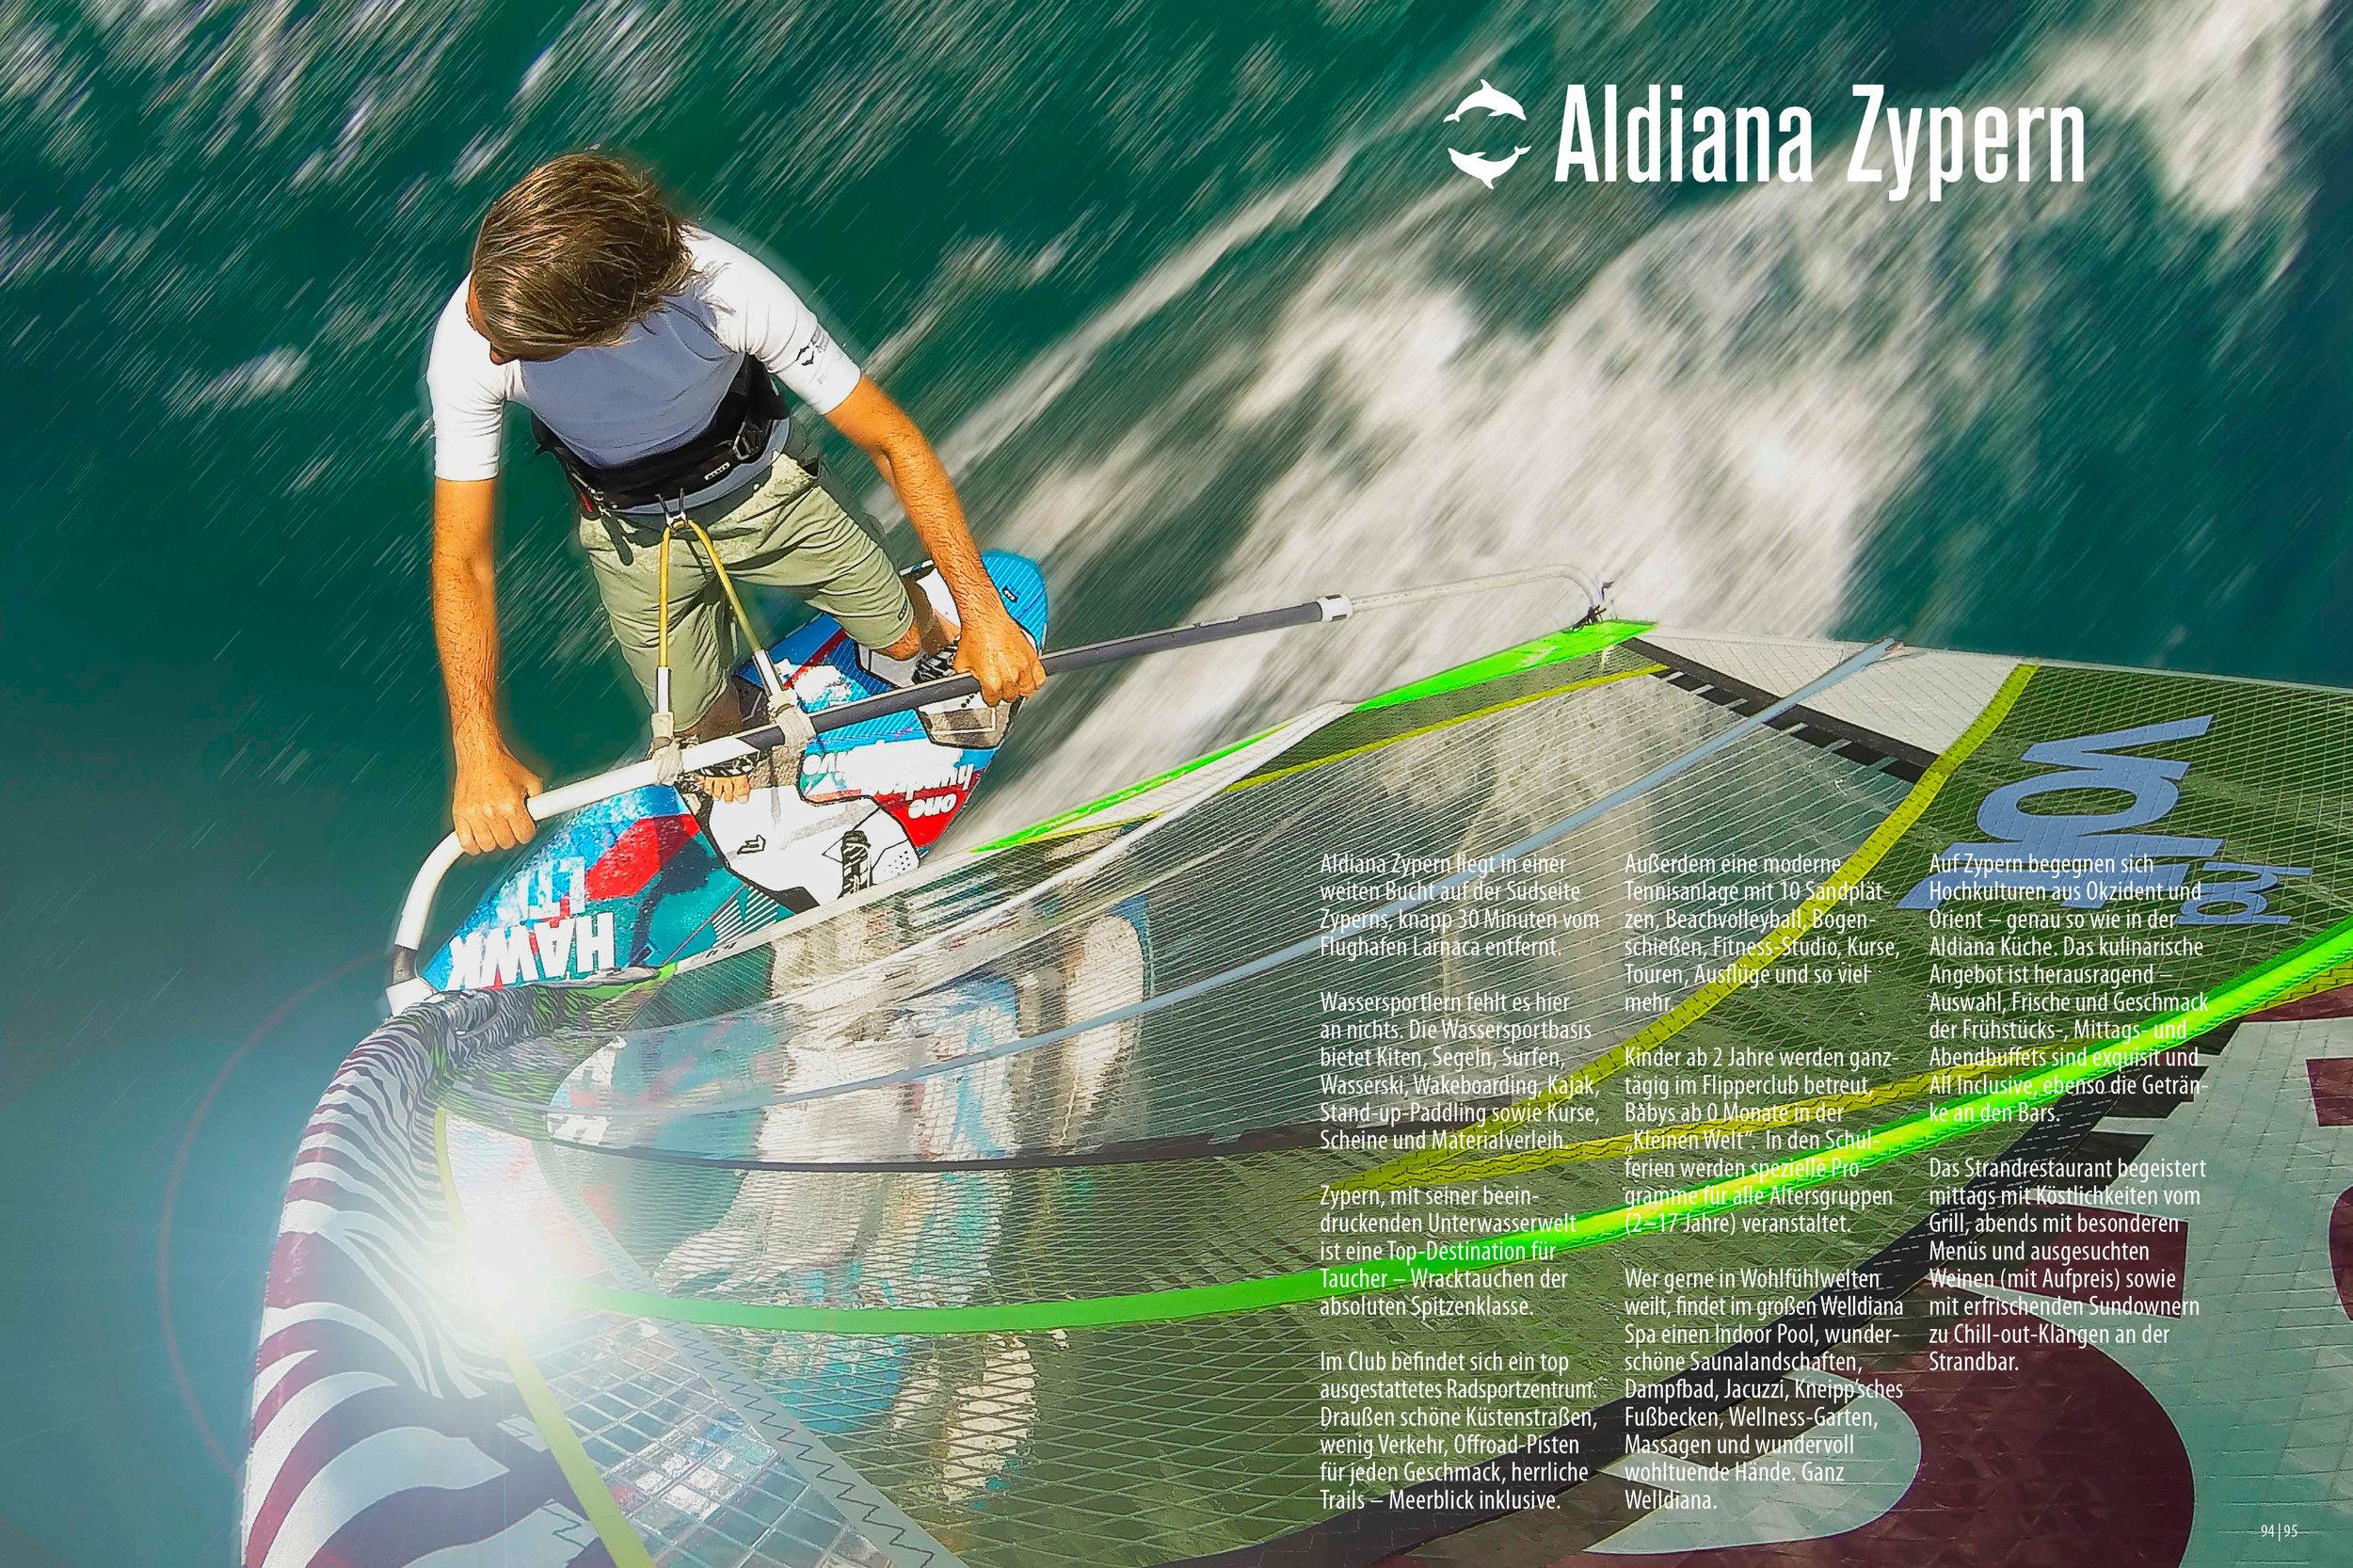 Aldiana Katalog Sommer 2017 Club Zypern